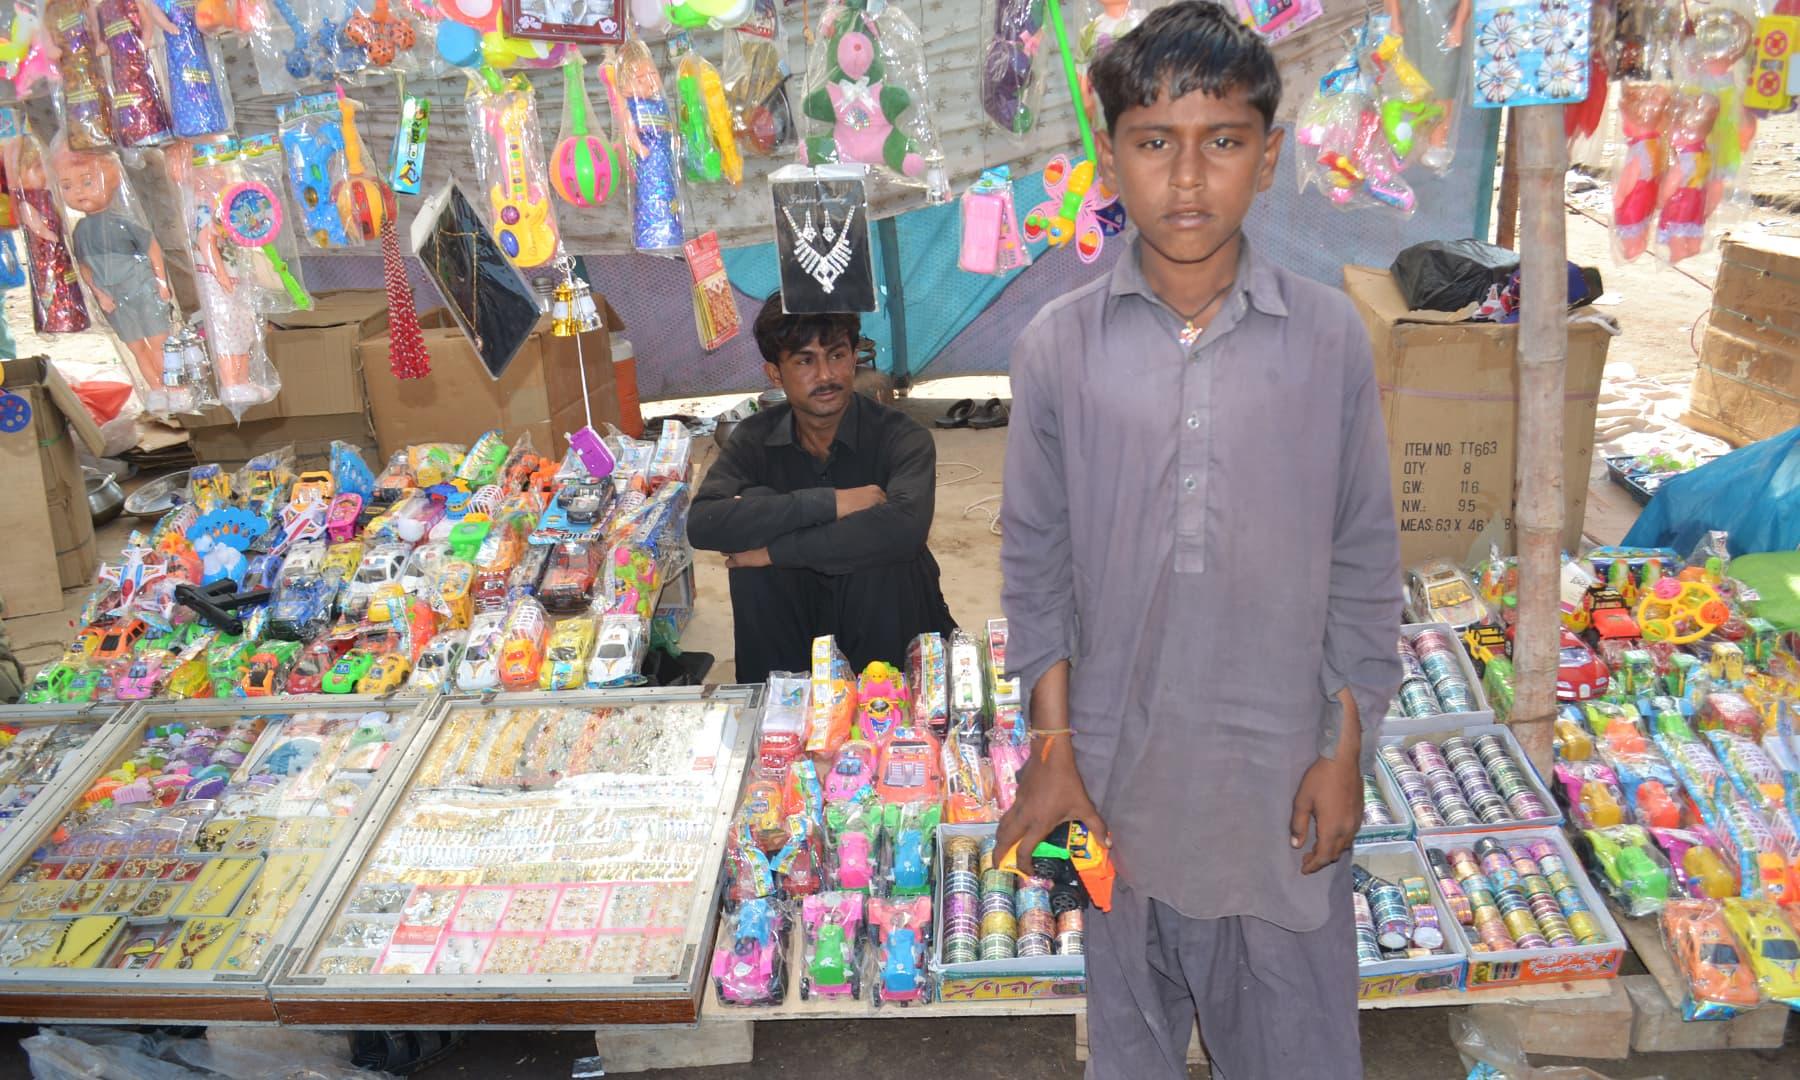 میلوں میں سب سے زیادہ لطف اندوز چھوٹے بچے ہوتے ہیں—تصویر ابوبکر شیخ